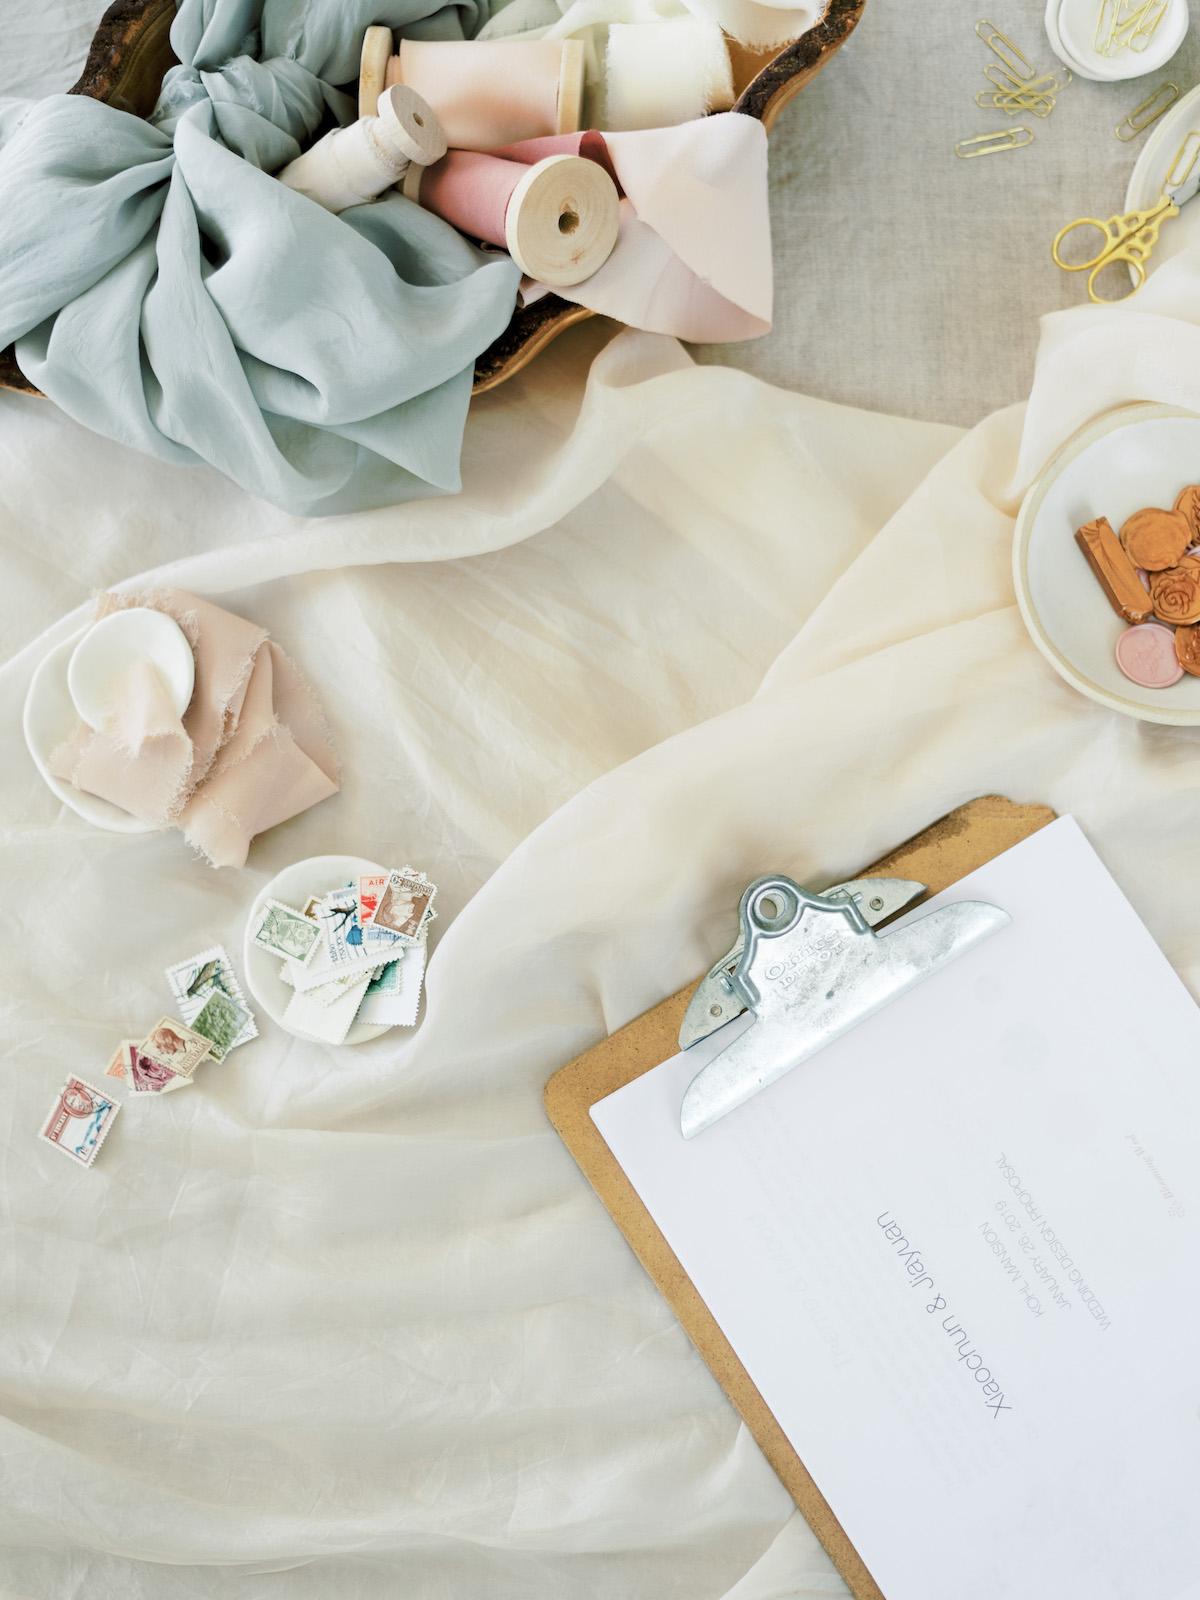 olea-and-fig-blooming-wed-brand-shoot-61.jpg